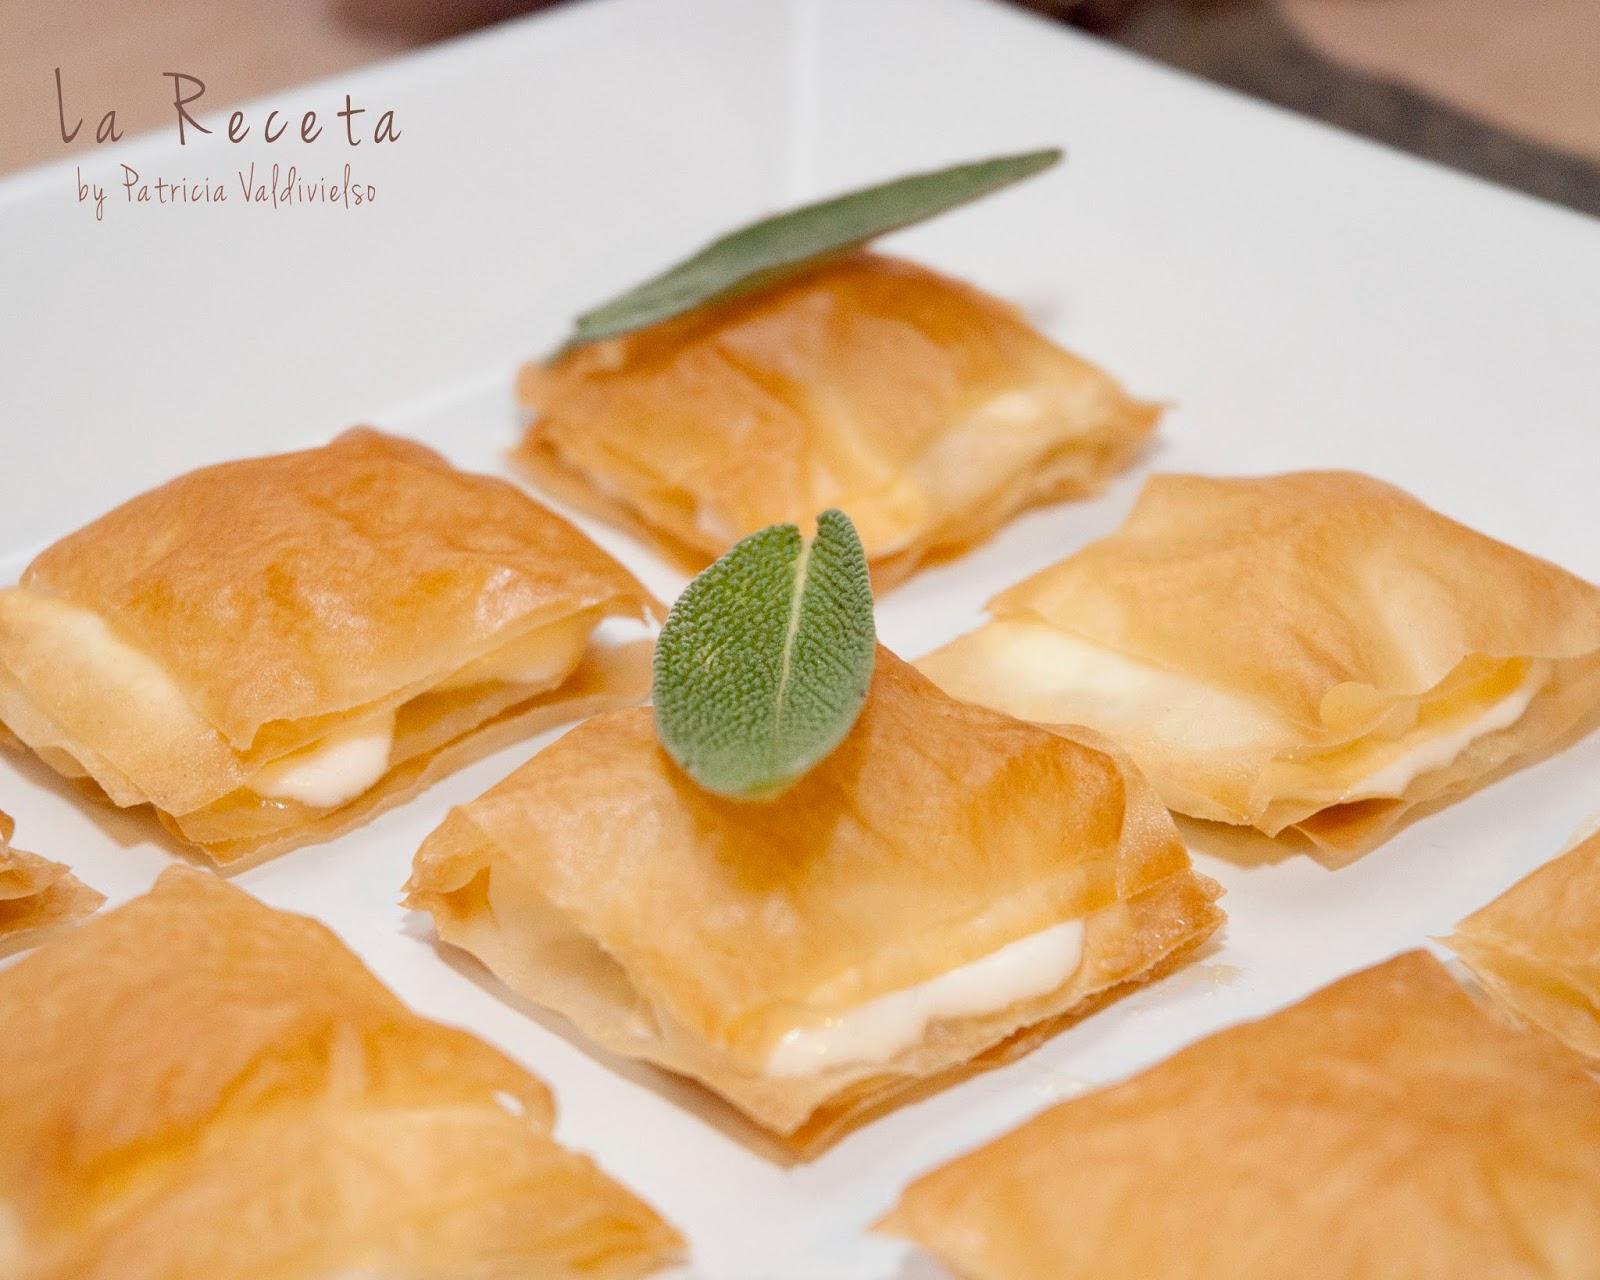 La receta by patricia valdivielso canap s de queso de - Que hacer con la pasta filo ...